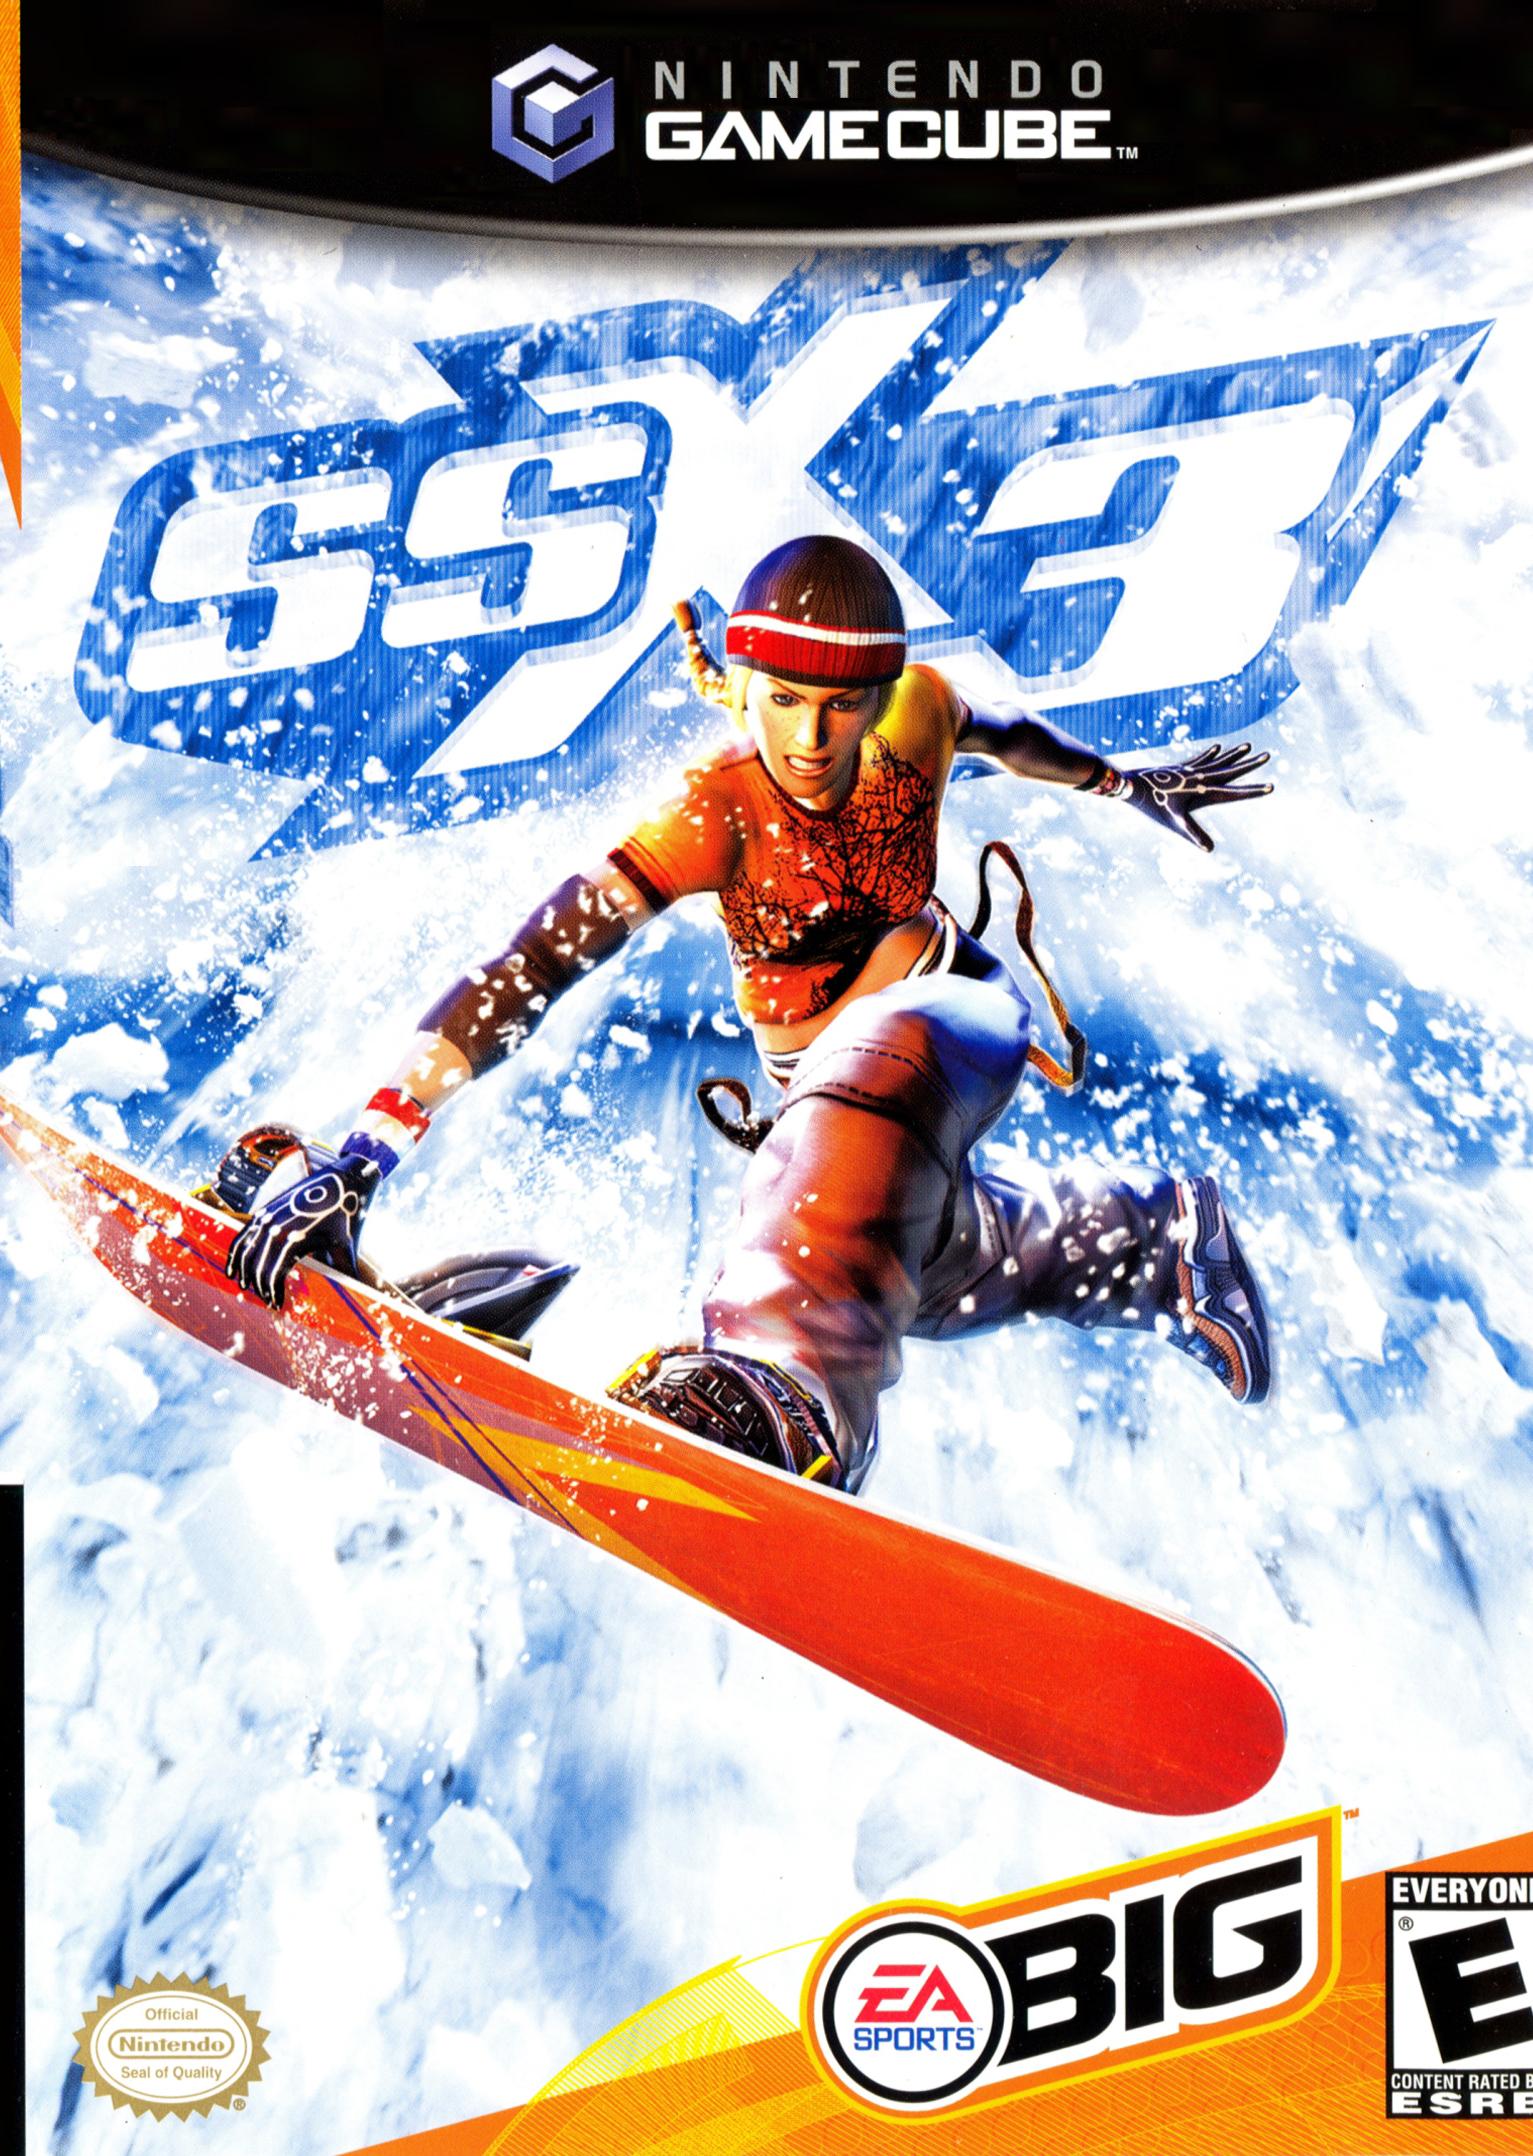 SSX 3/GameCube